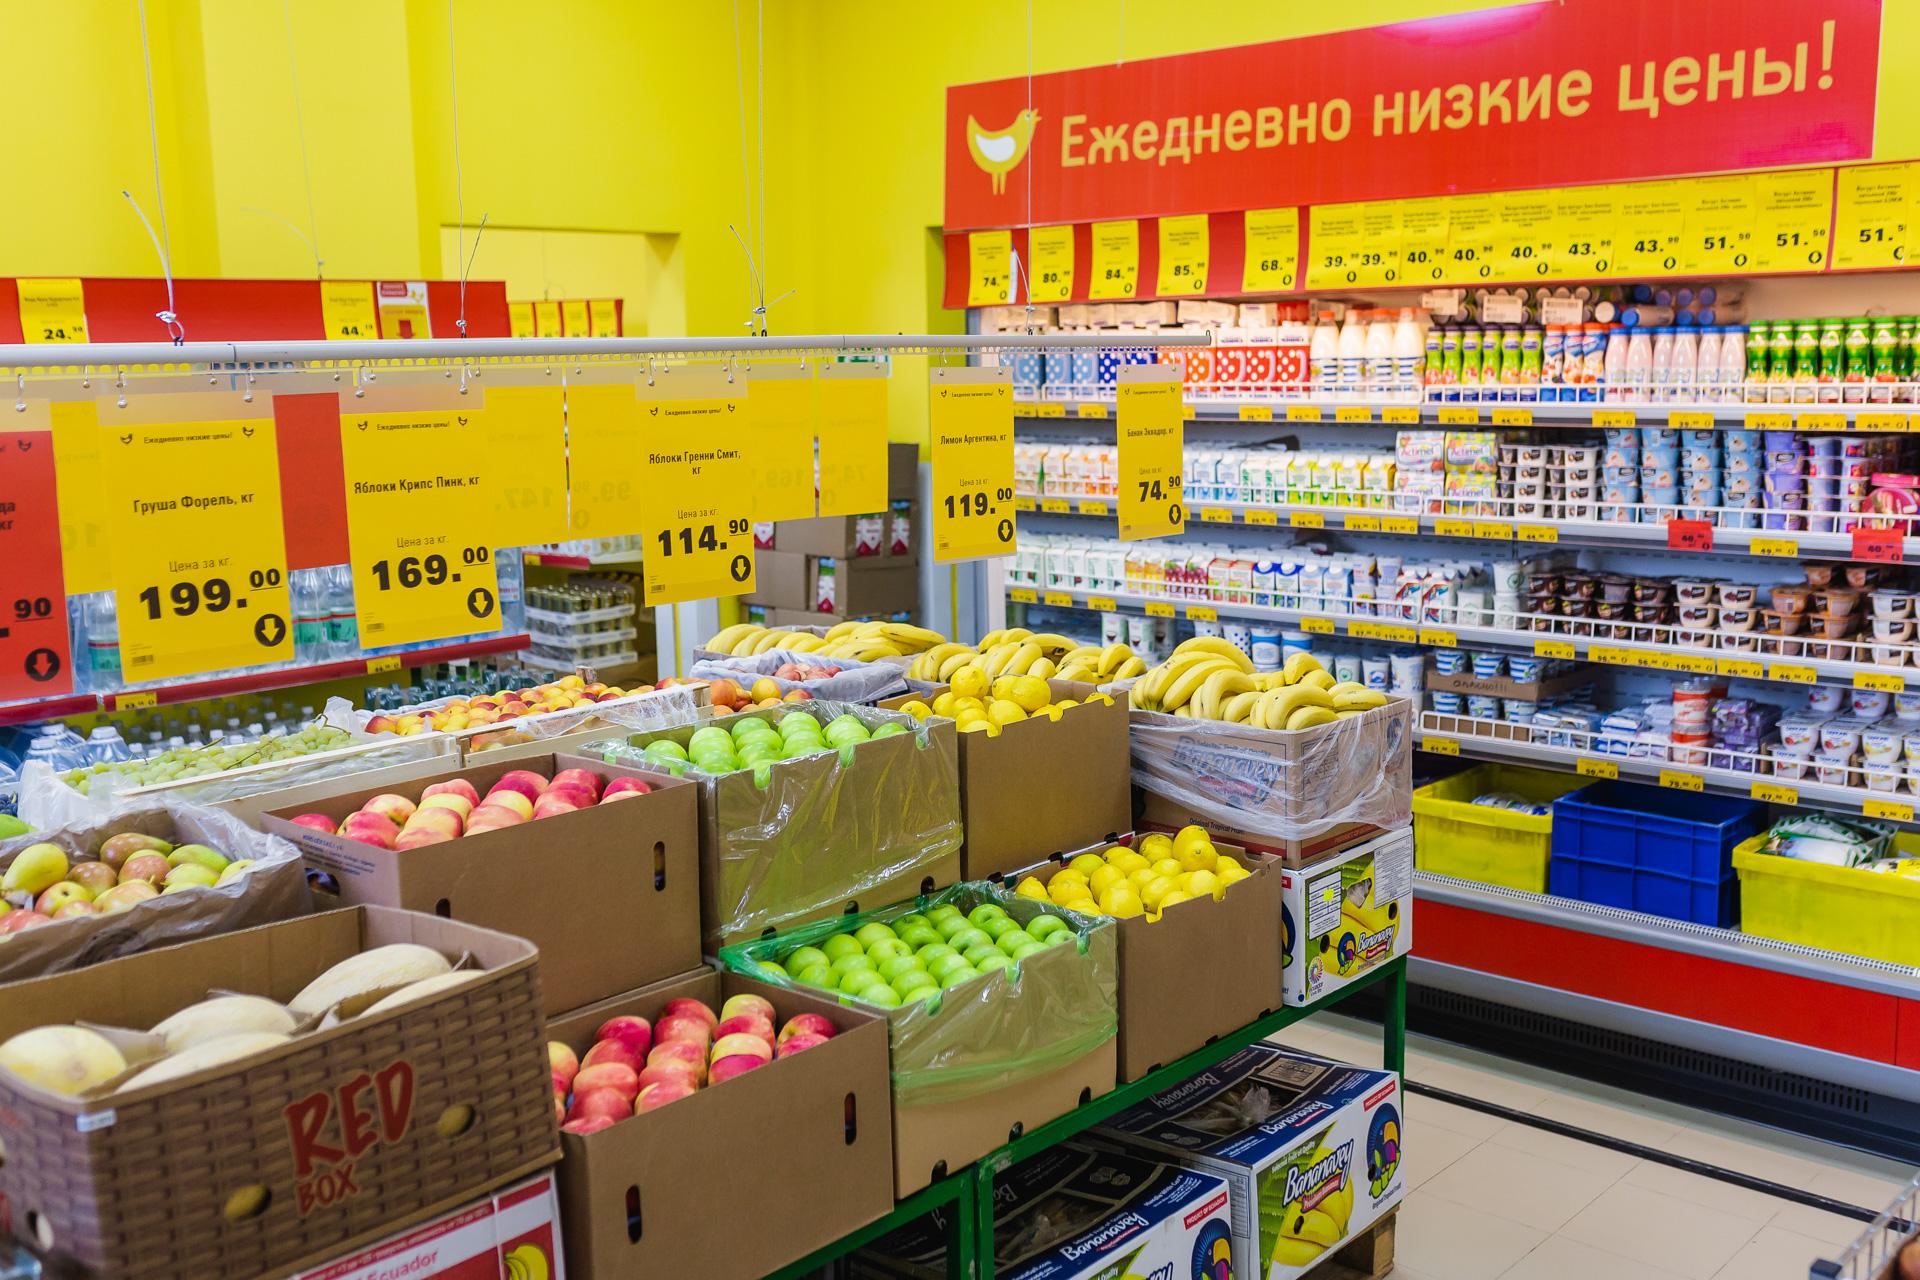 Ярослав Шиллер, «Слата»: «Спрос сдвинется в экономичные сегменты и мы будем пересматривать ассортимент»